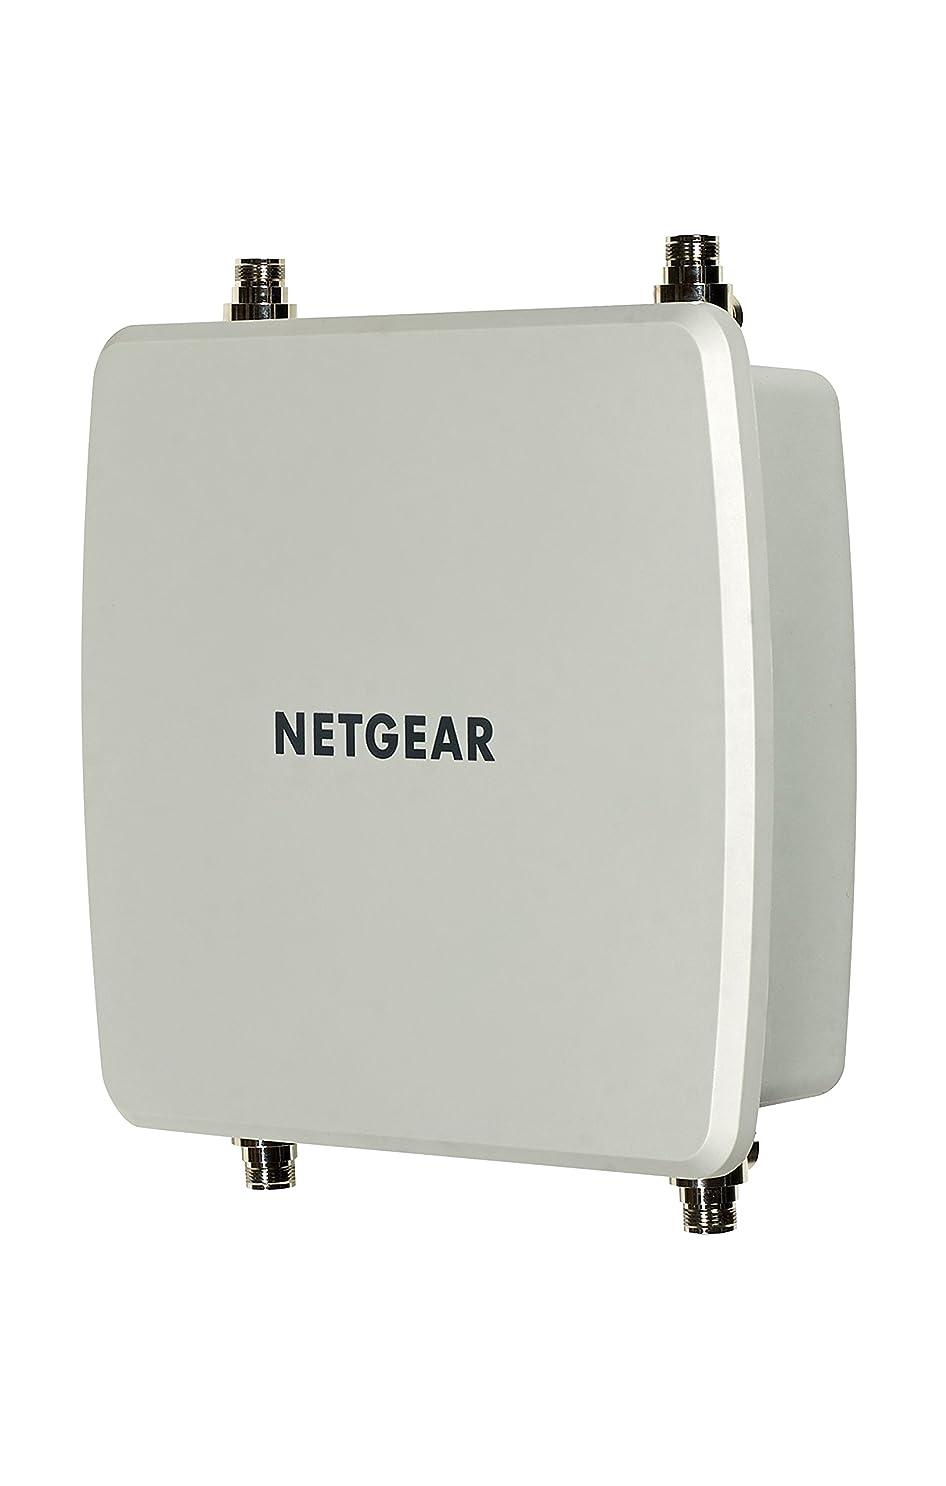 ライド恋人異邦人TP-Link 室外用AP機 無線LAN SMB向け アクセスポイント 5G専用 300Mbps CPE510